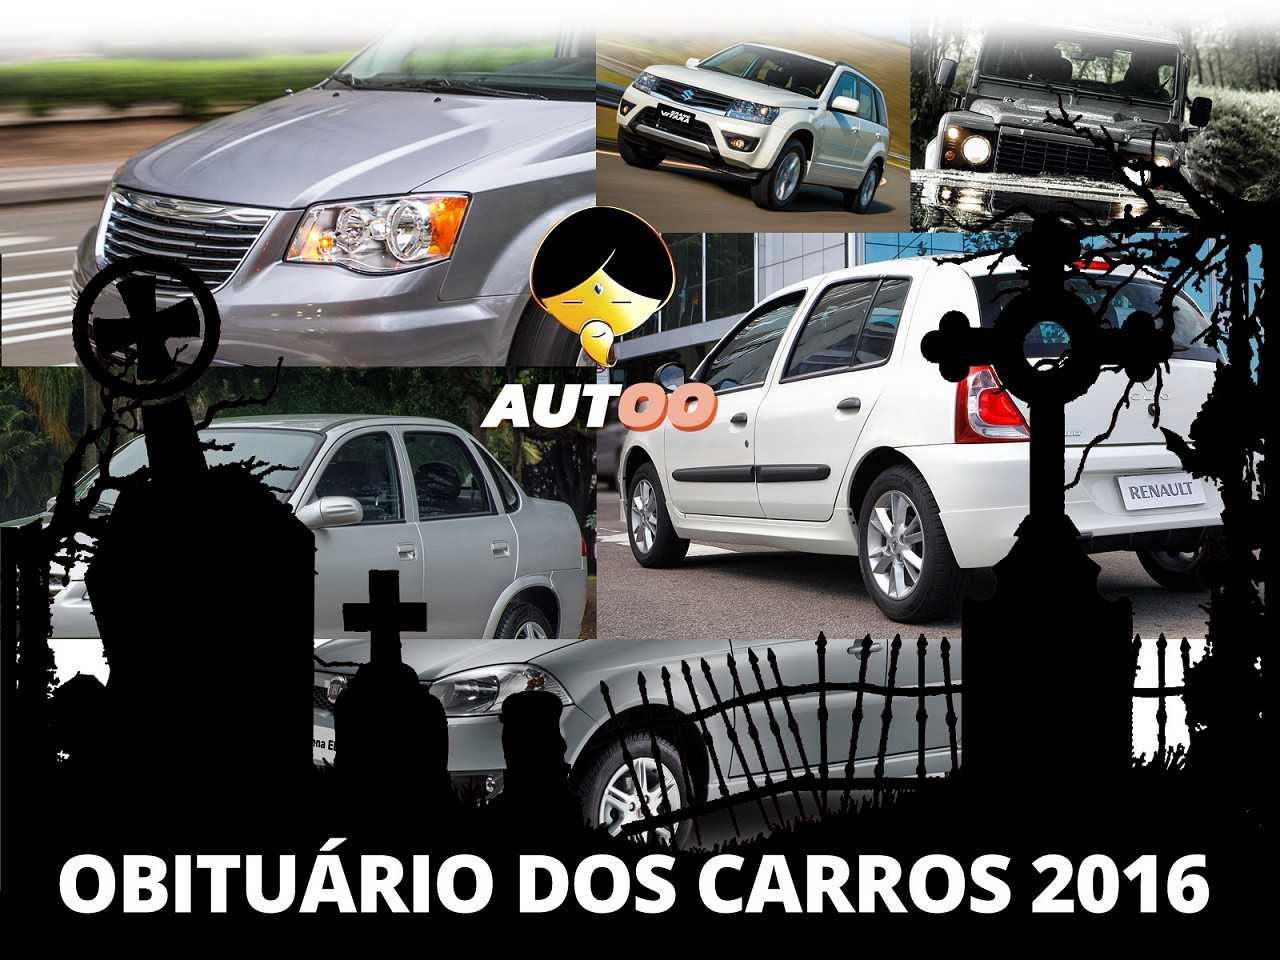 Obituário 2016: carros que se foram